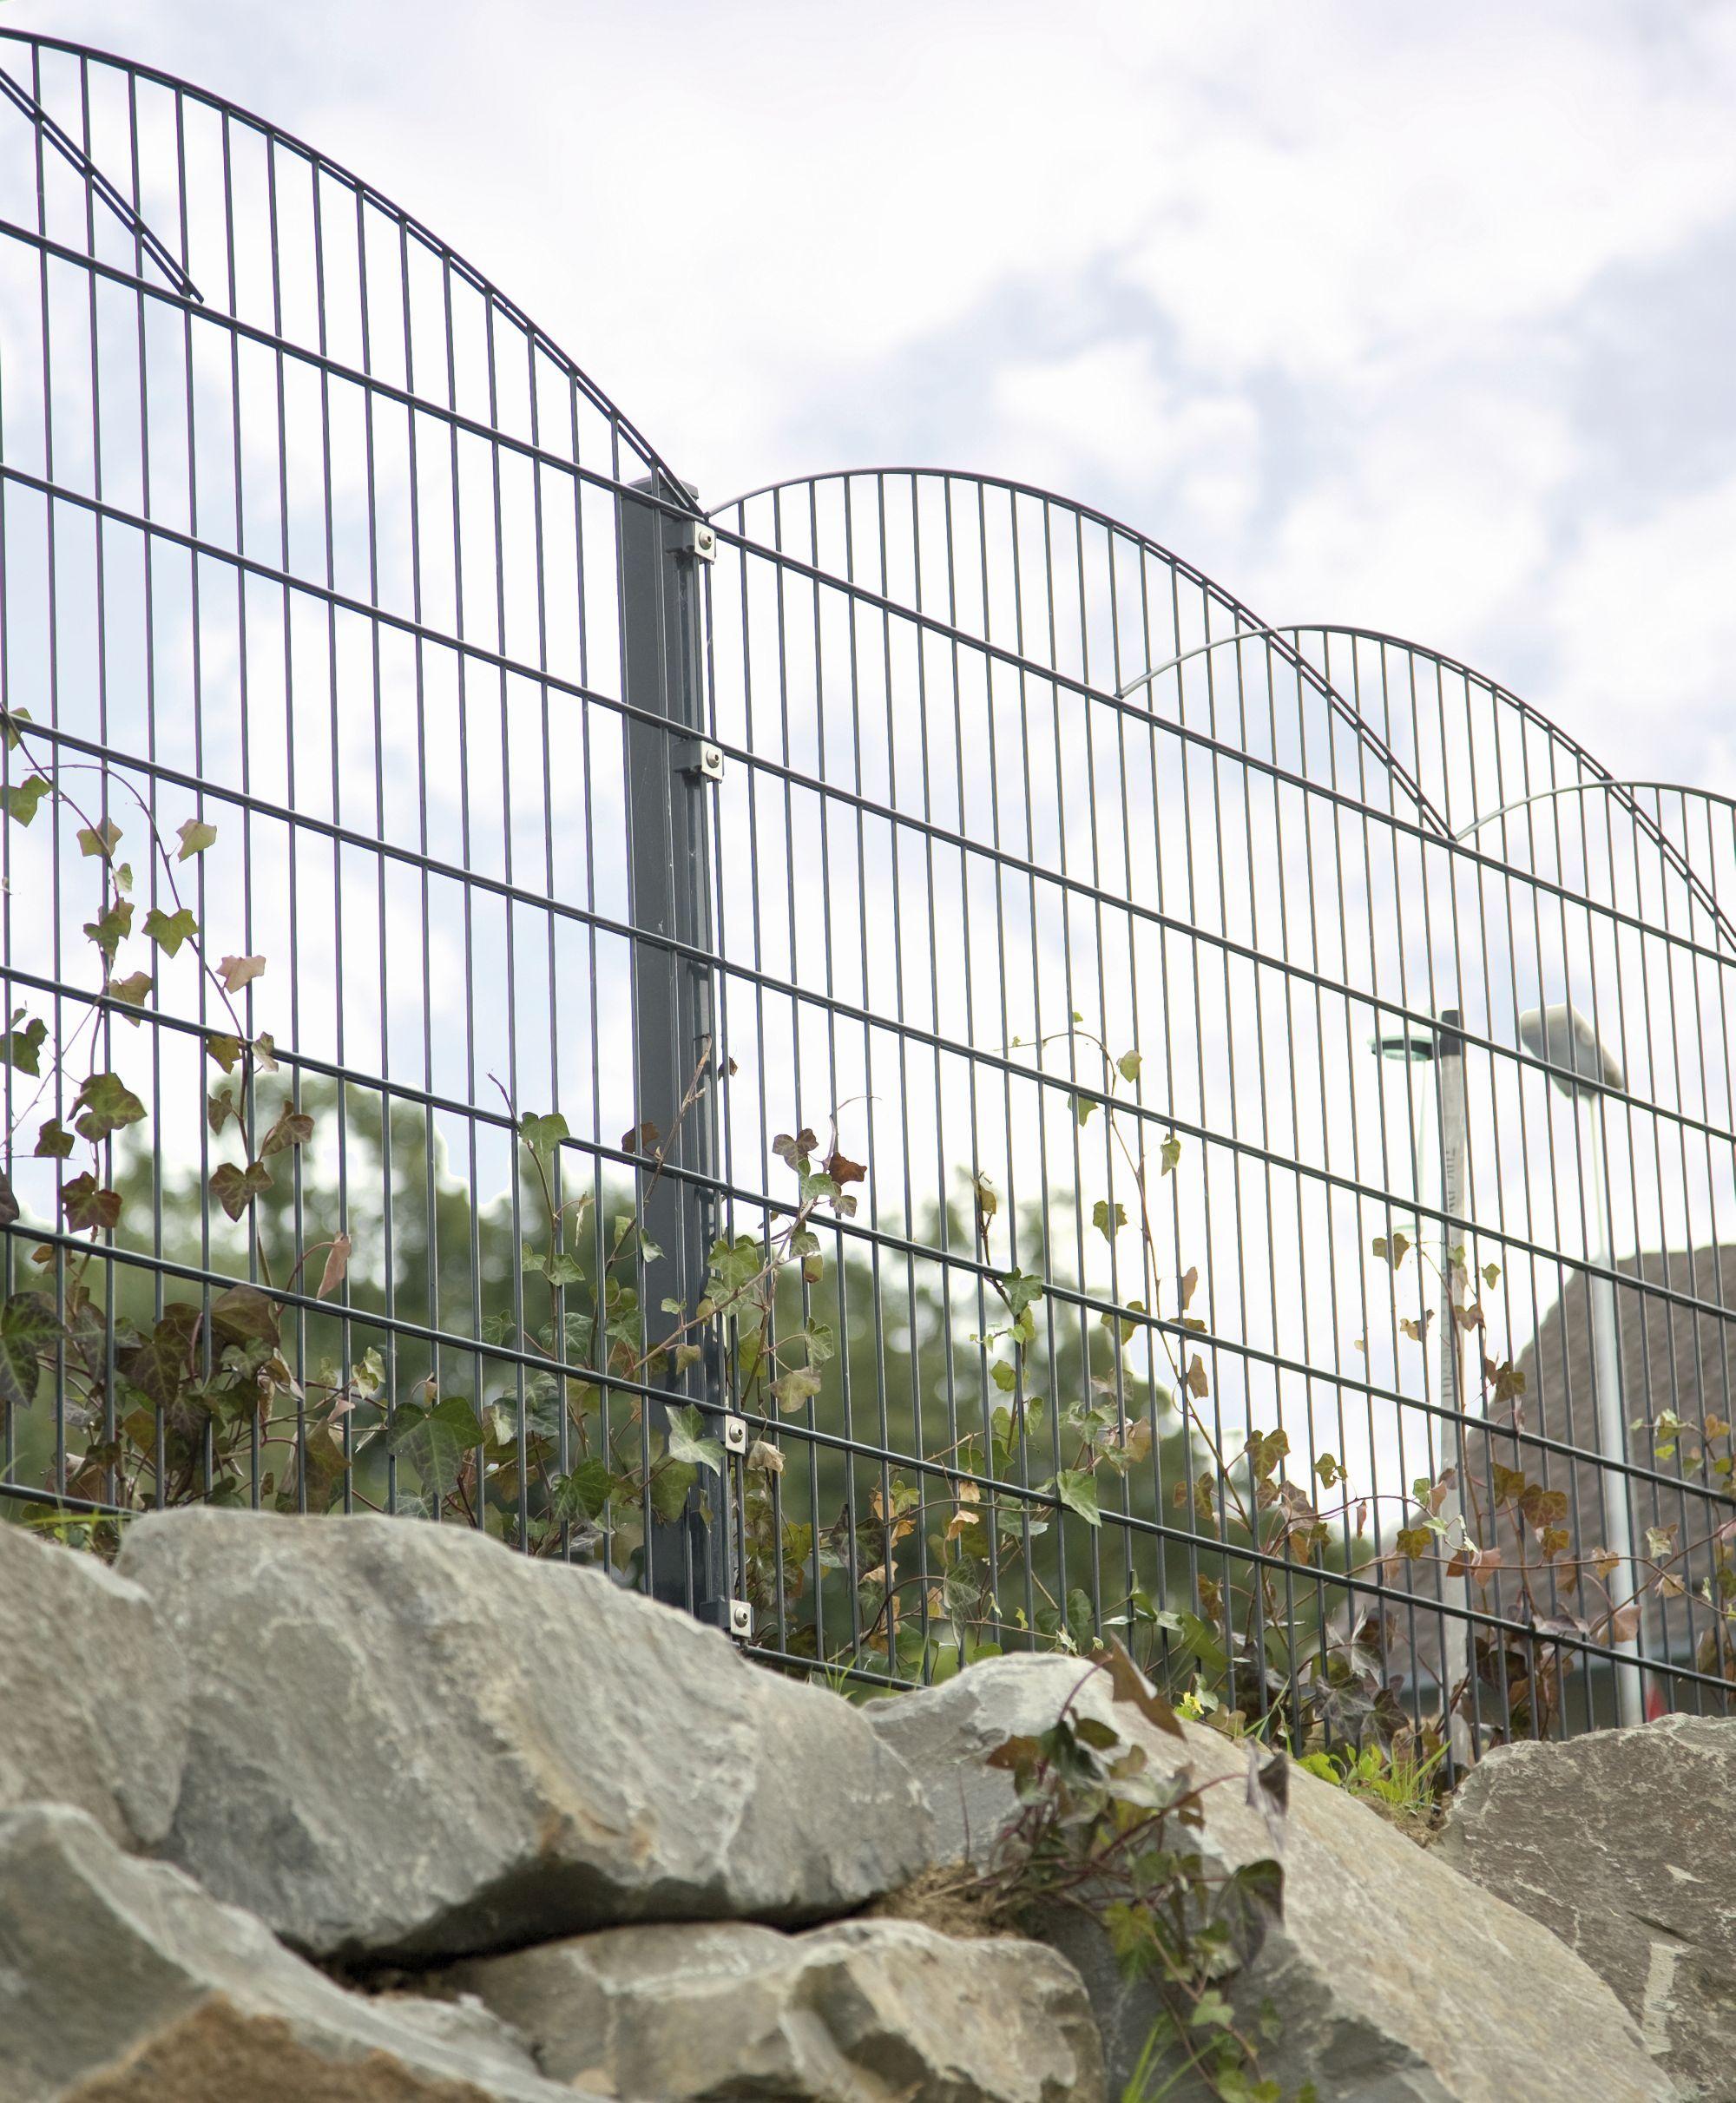 Schmuckzaune Doppelstabmatten Schmuckzaun Doppelstabmatten Gartengestaltung